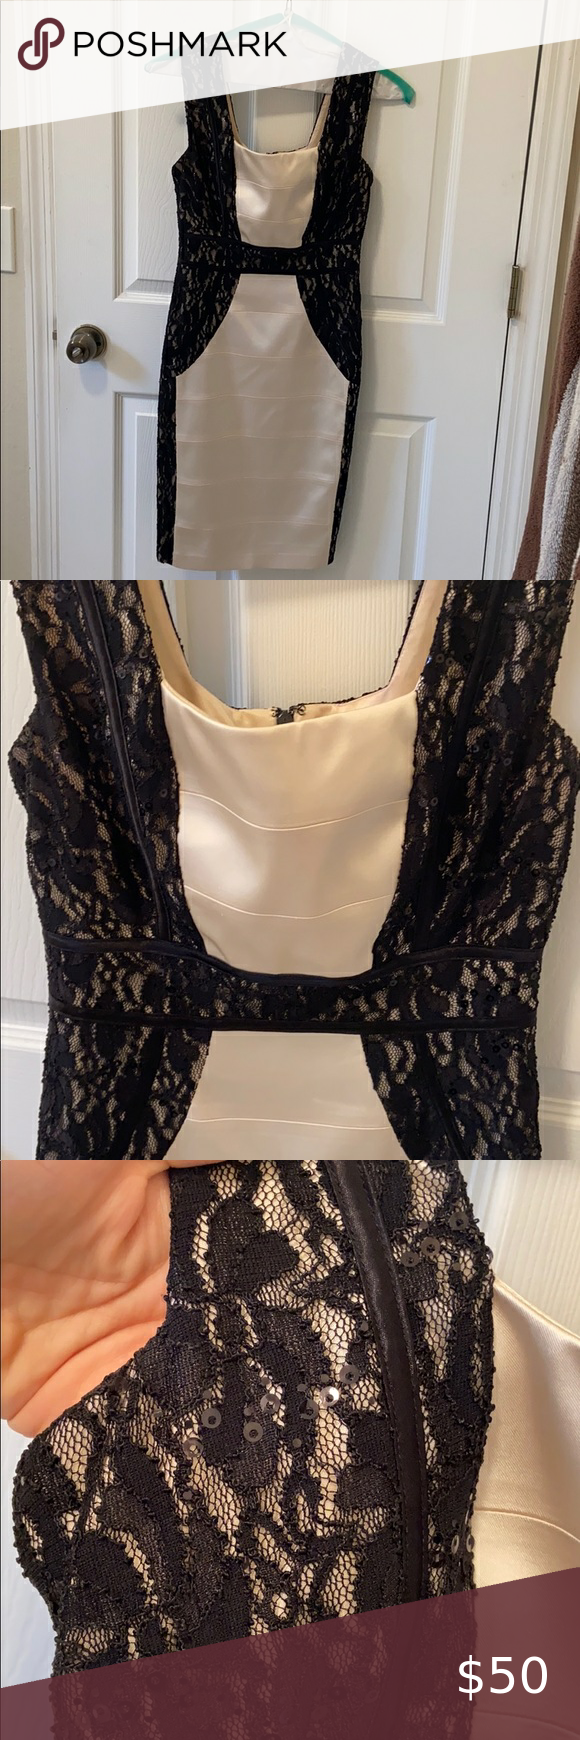 Jax Dress Dresses Black Lace Dress Lace Dress [ 1740 x 580 Pixel ]